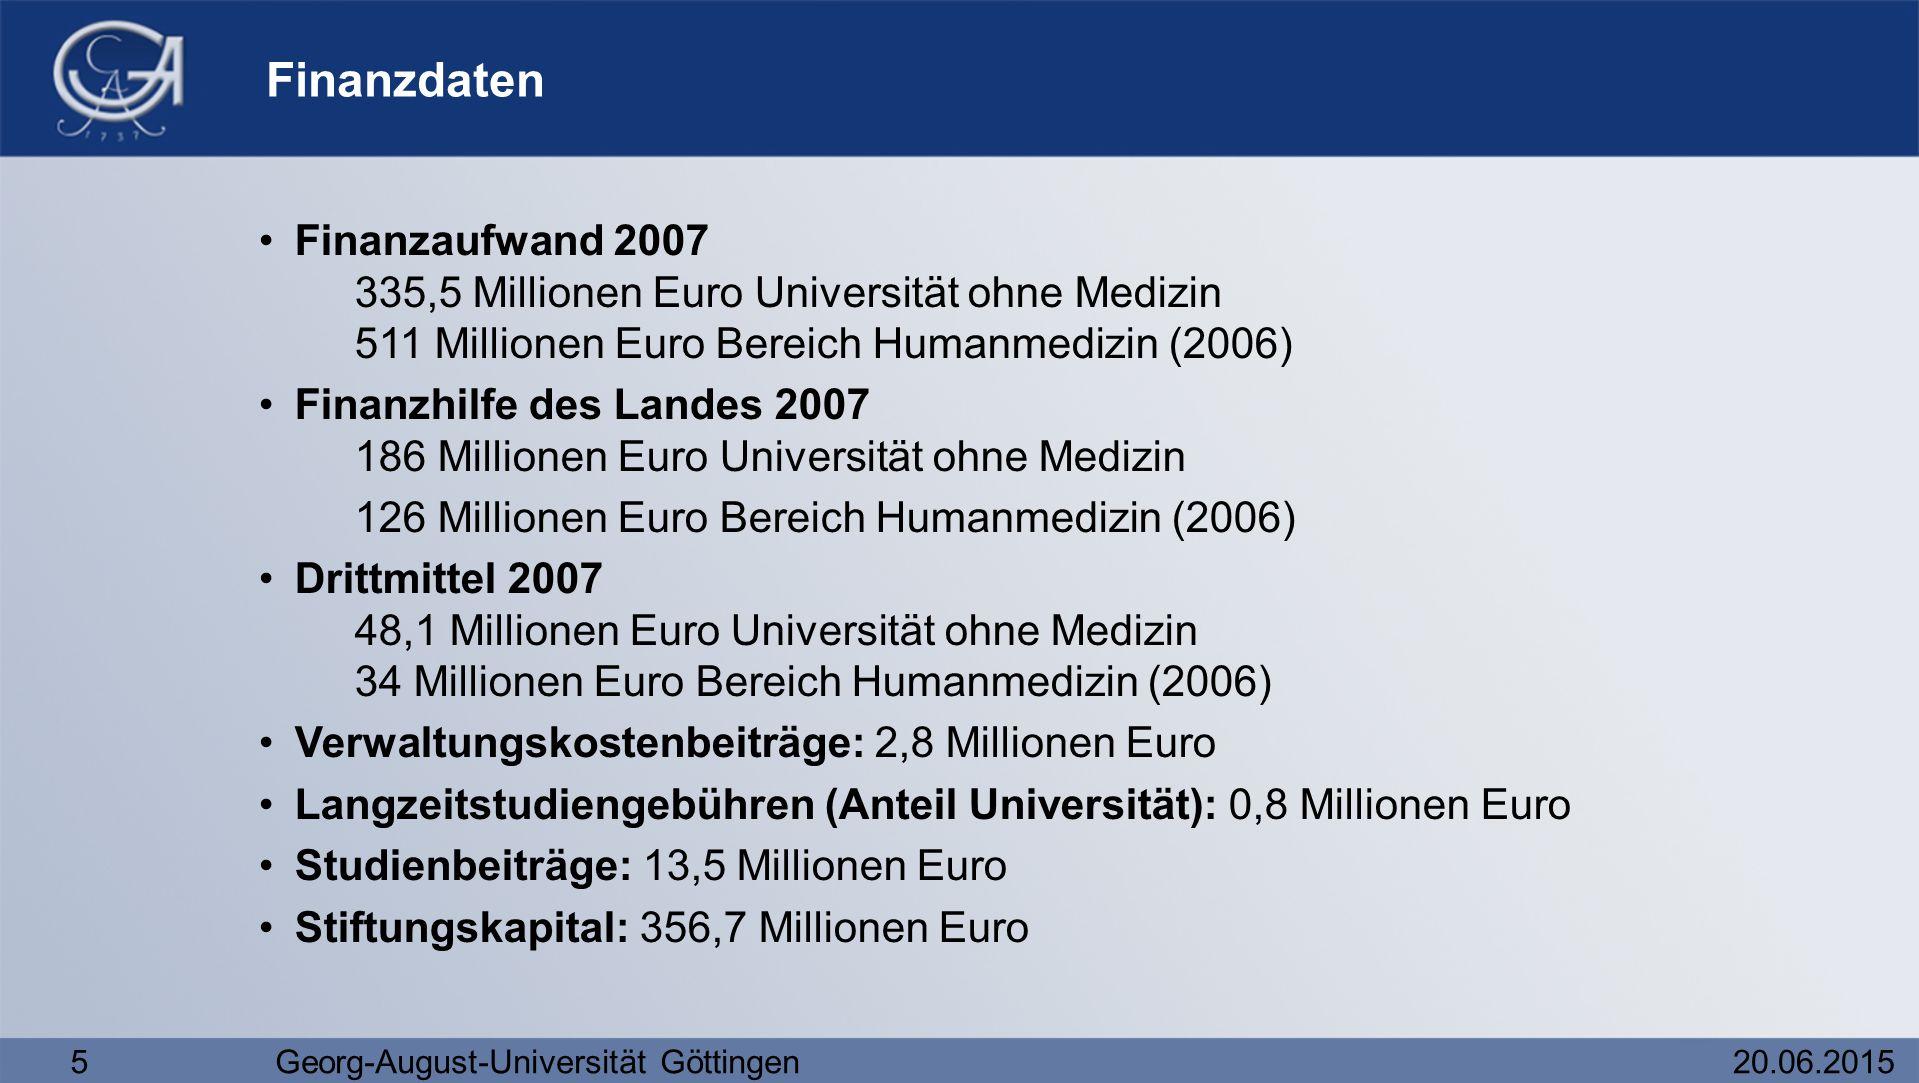 5Georg-August-Universität Göttingen20.06.2015 Finanzdaten Finanzaufwand 2007 335,5 Millionen Euro Universität ohne Medizin 511 Millionen Euro Bereich